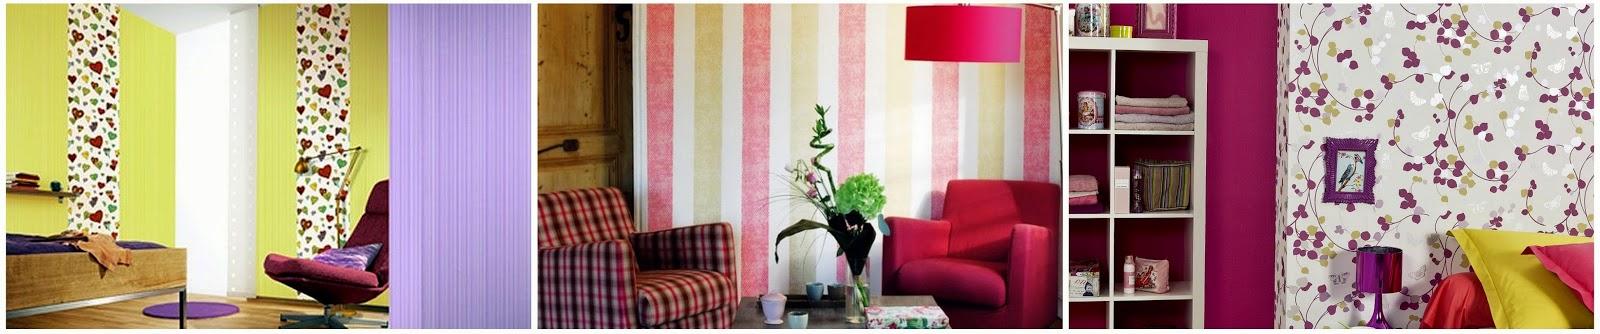 papier peint facile poser issy les moulineaux cout devis architecte interieur entreprise xdxuc. Black Bedroom Furniture Sets. Home Design Ideas